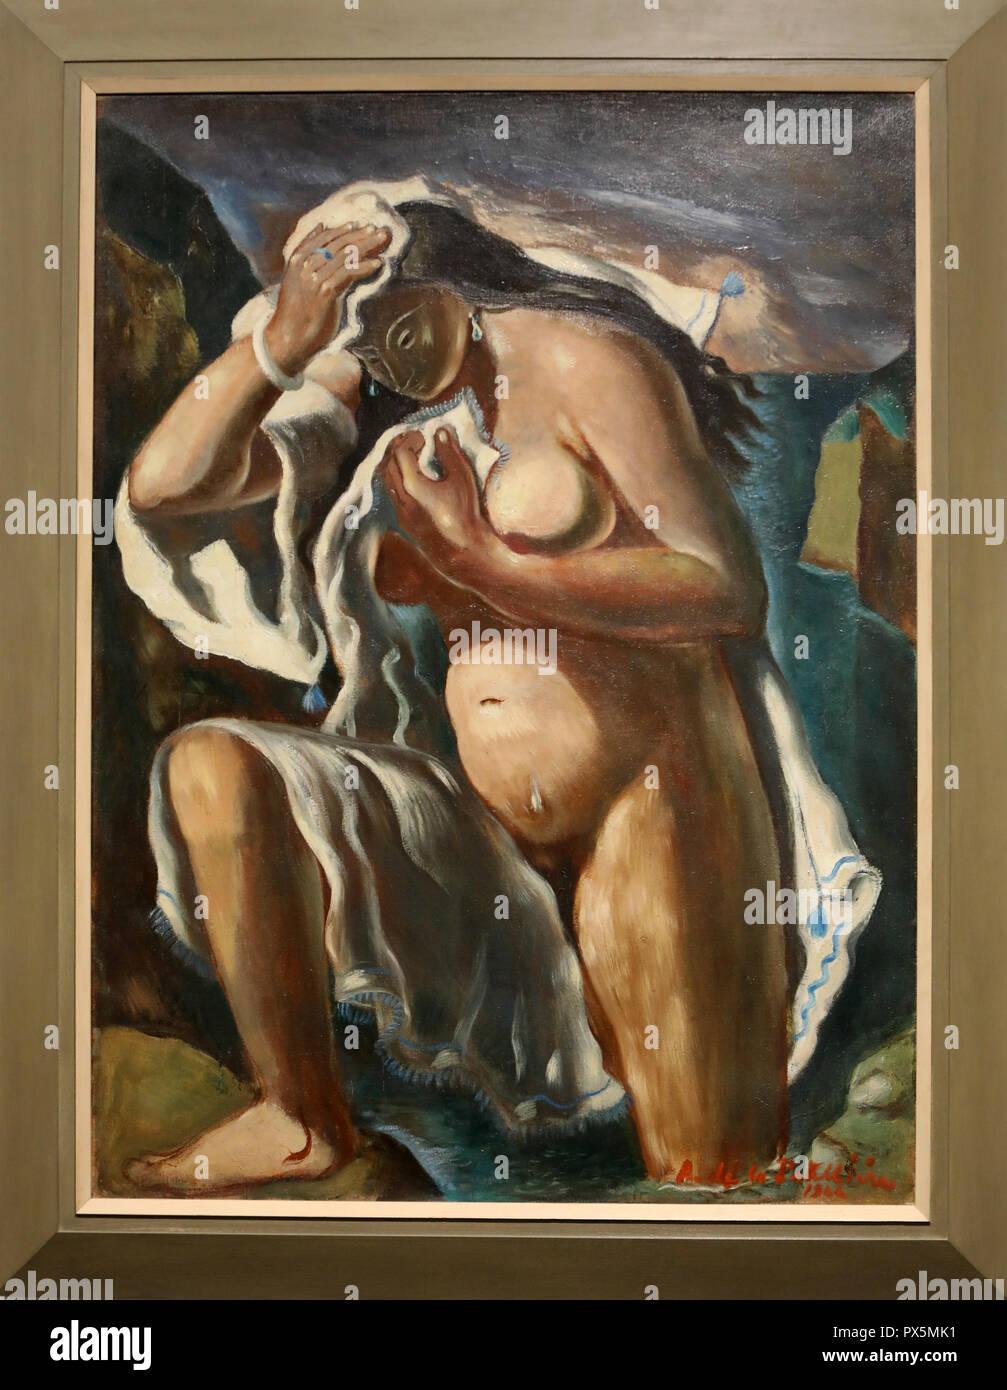 MusŽe des Beaux-Arts, Lyon, France. Fine Art museum, Lyon, France. AmŽdŽe de la Patellire, Bather with white dressing gown, oil on canvas, 1924. Stock Photo